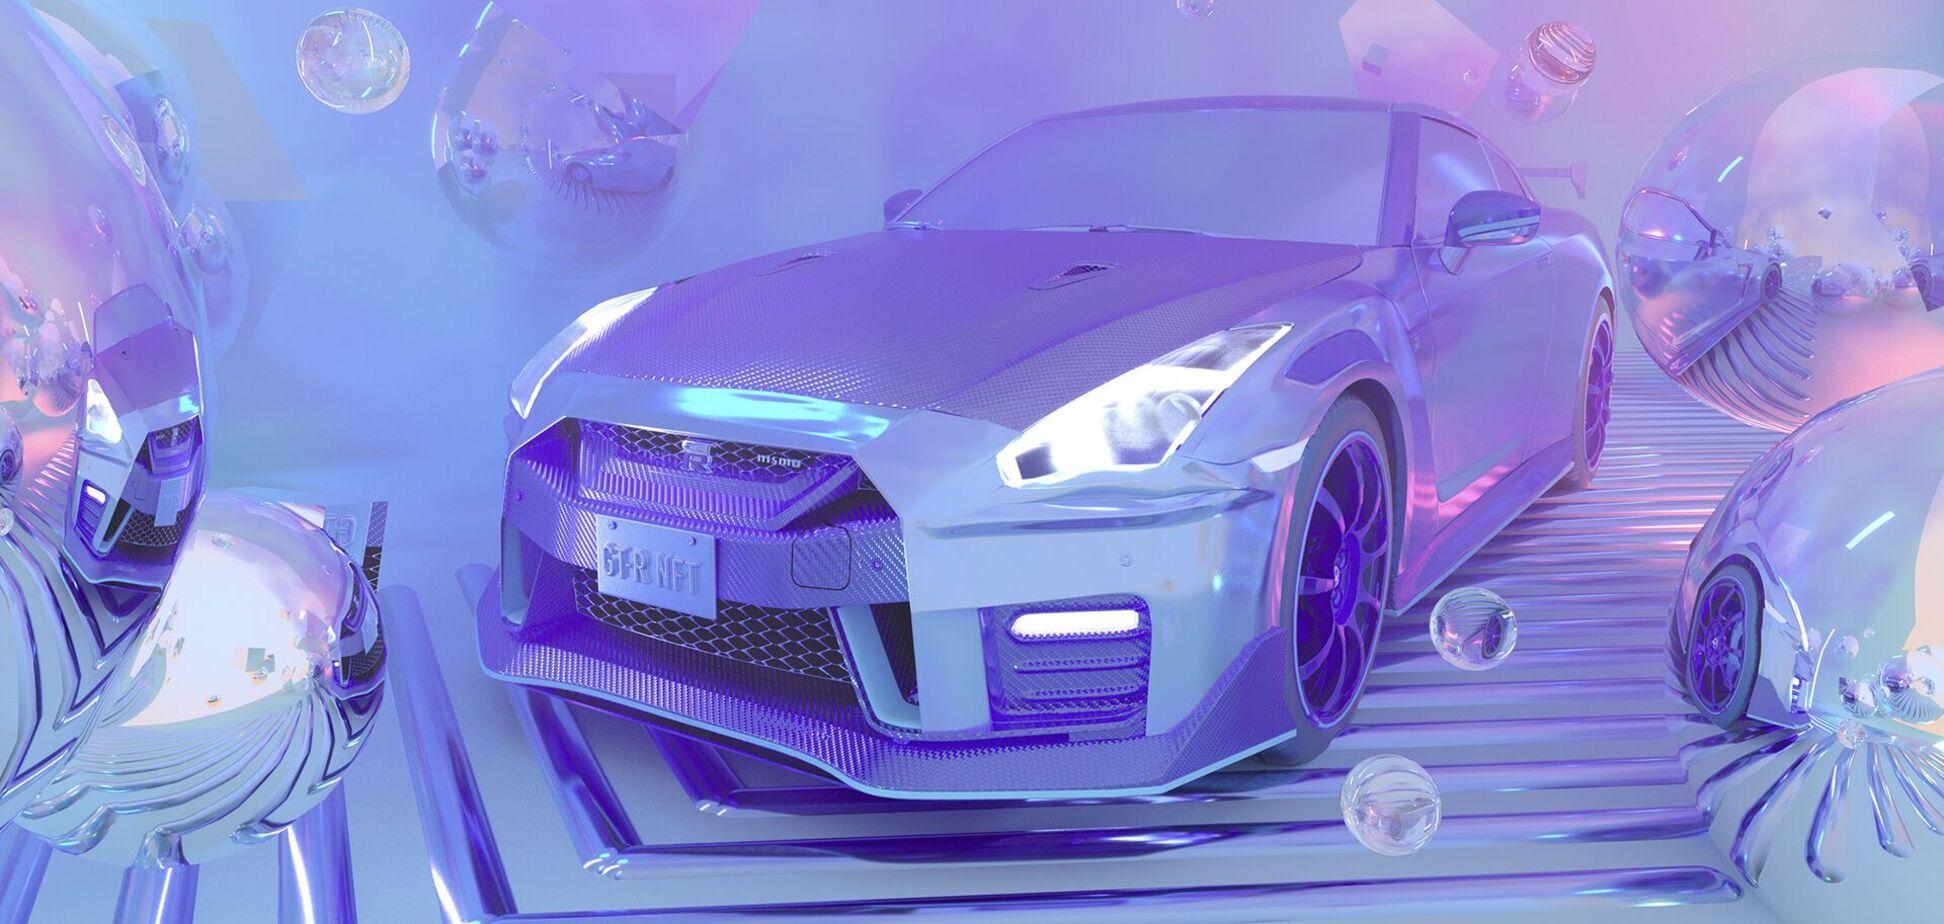 Віртуальний суперкар Nissan GT-R NFT продали за $2,3 млн